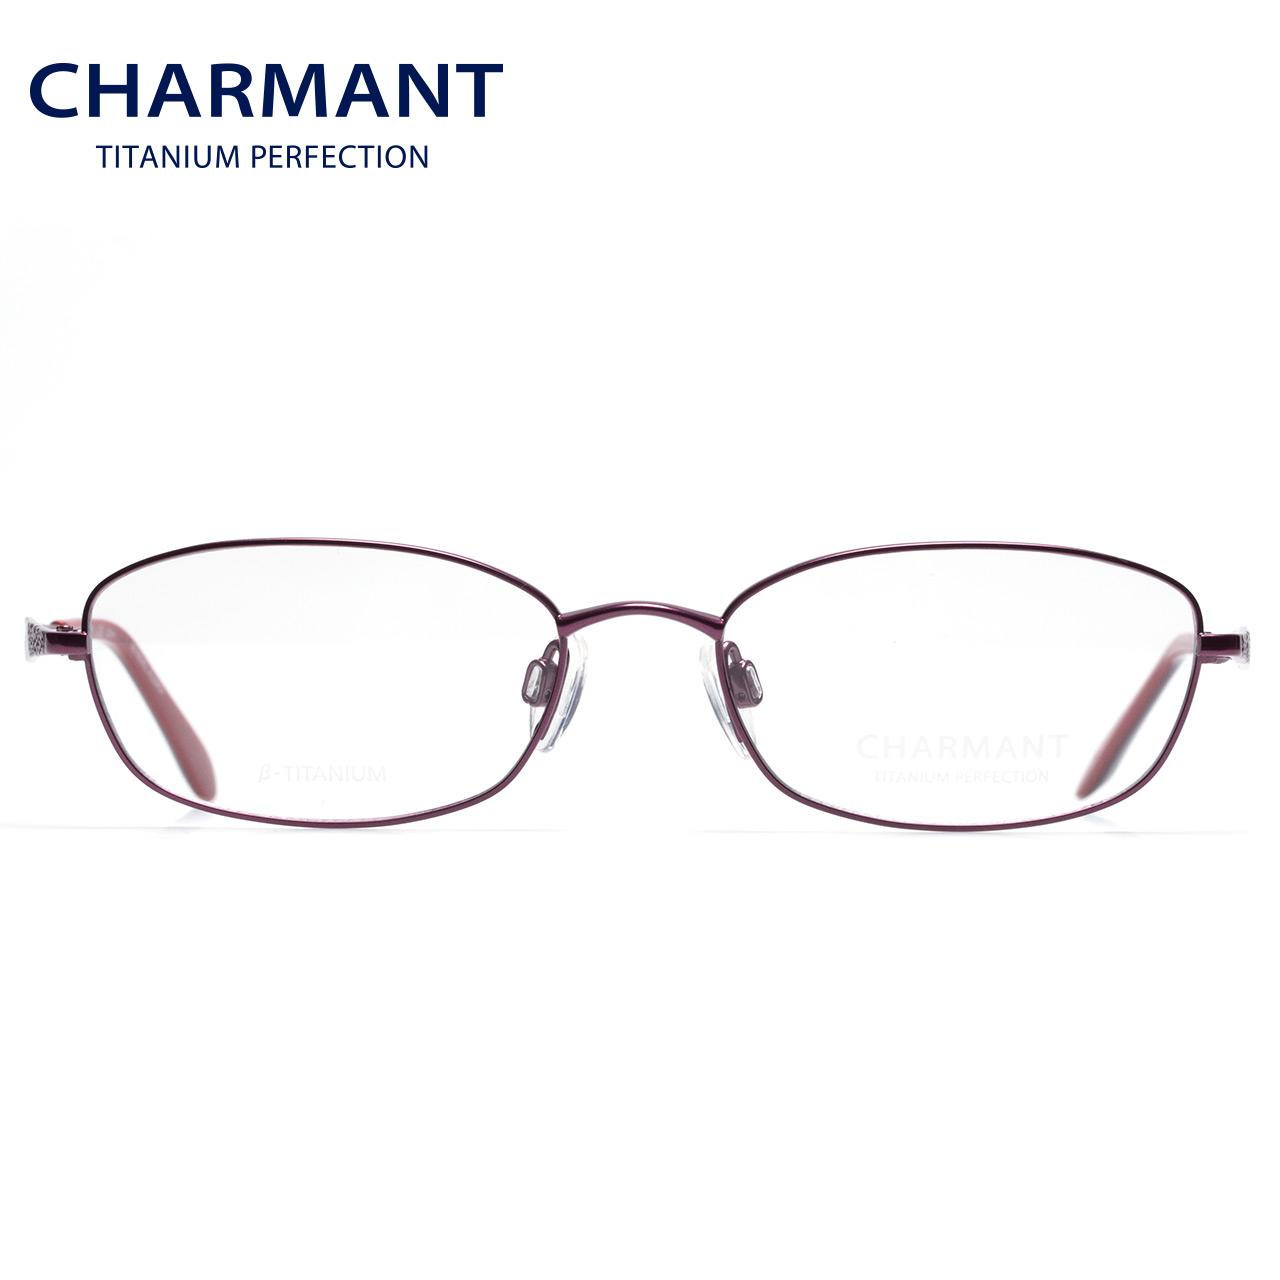 CHARMANT夏蒙眼镜架女士商务全框舒适钛材轻巧近视眼镜框CH10471